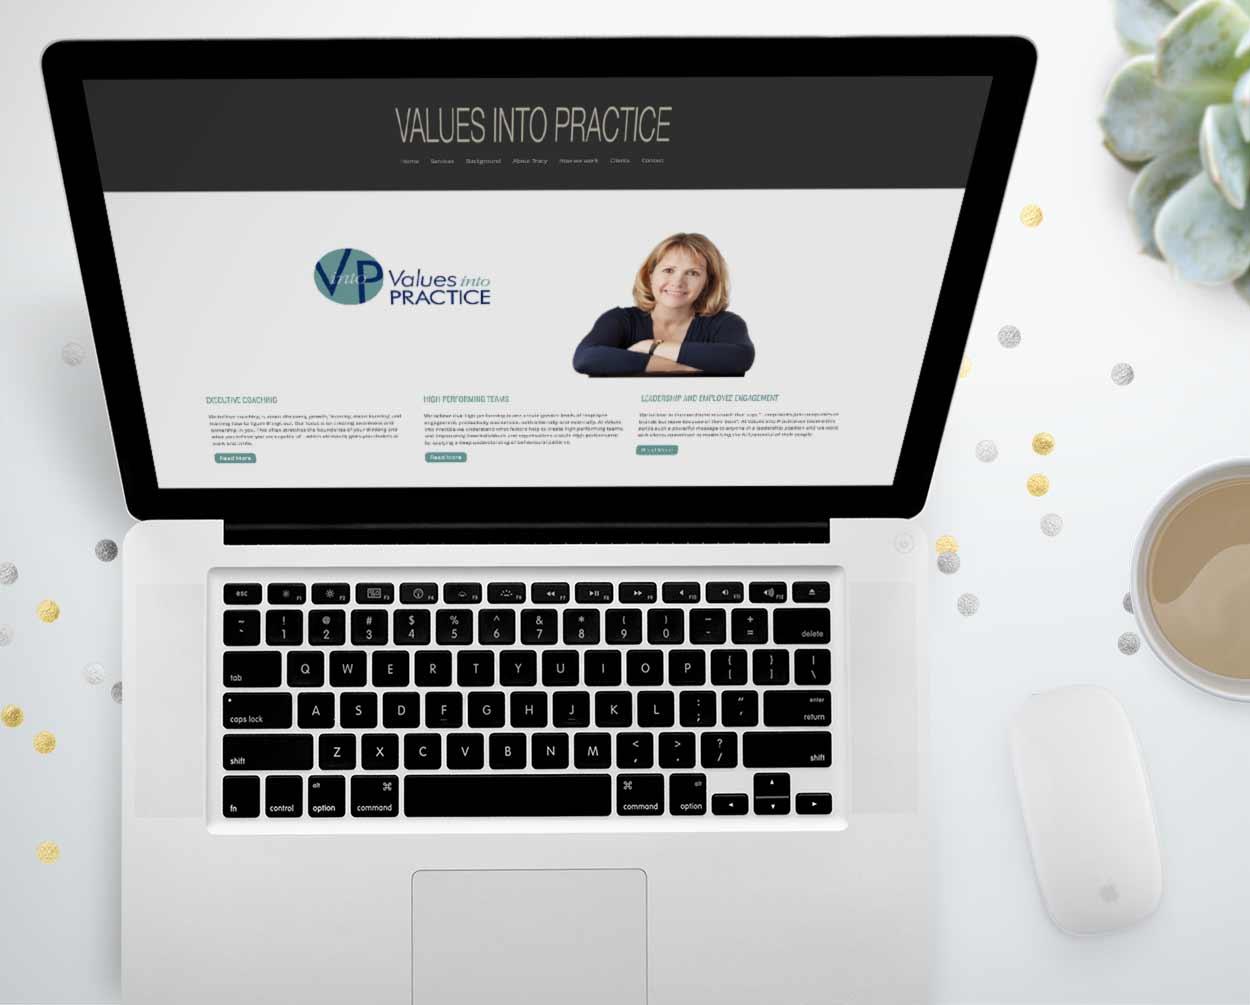 Website design for an Executive Coach